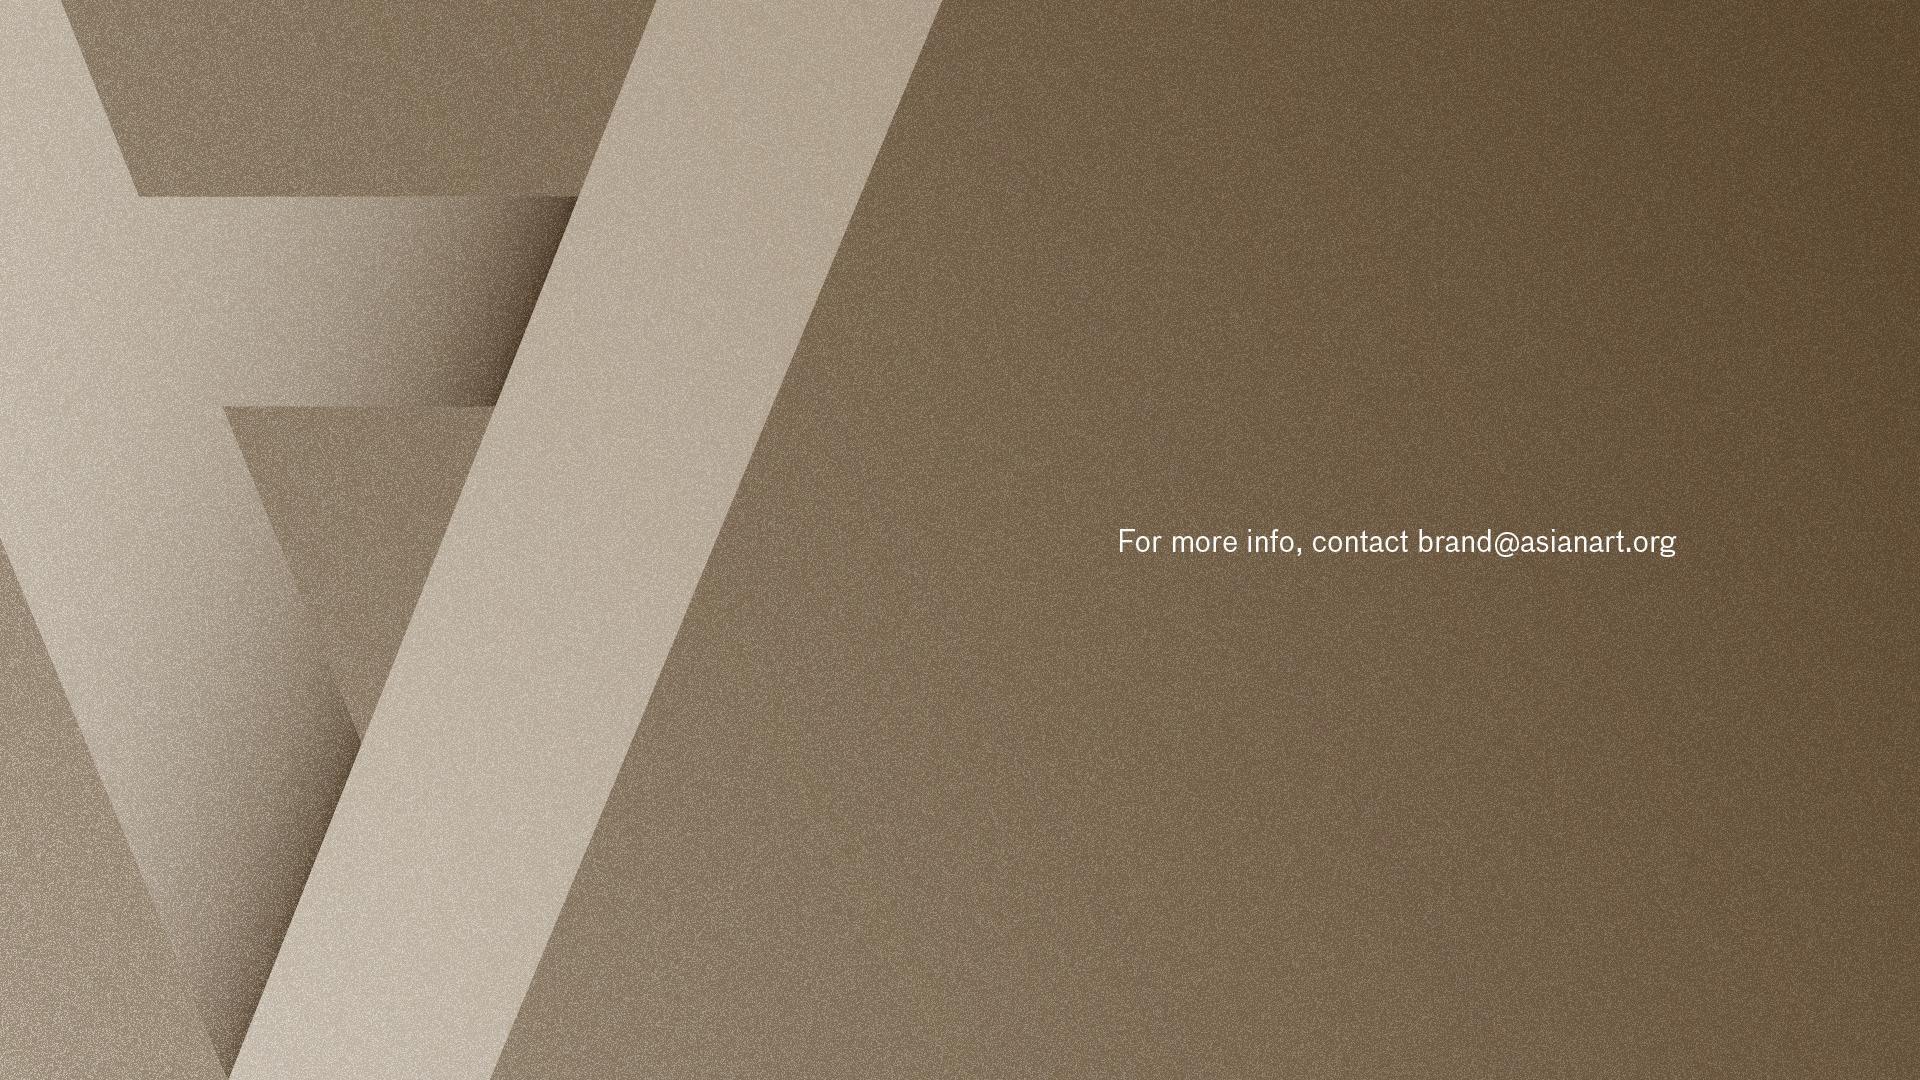 AAM-Digital Brand Guide_v1_r1339.jpg